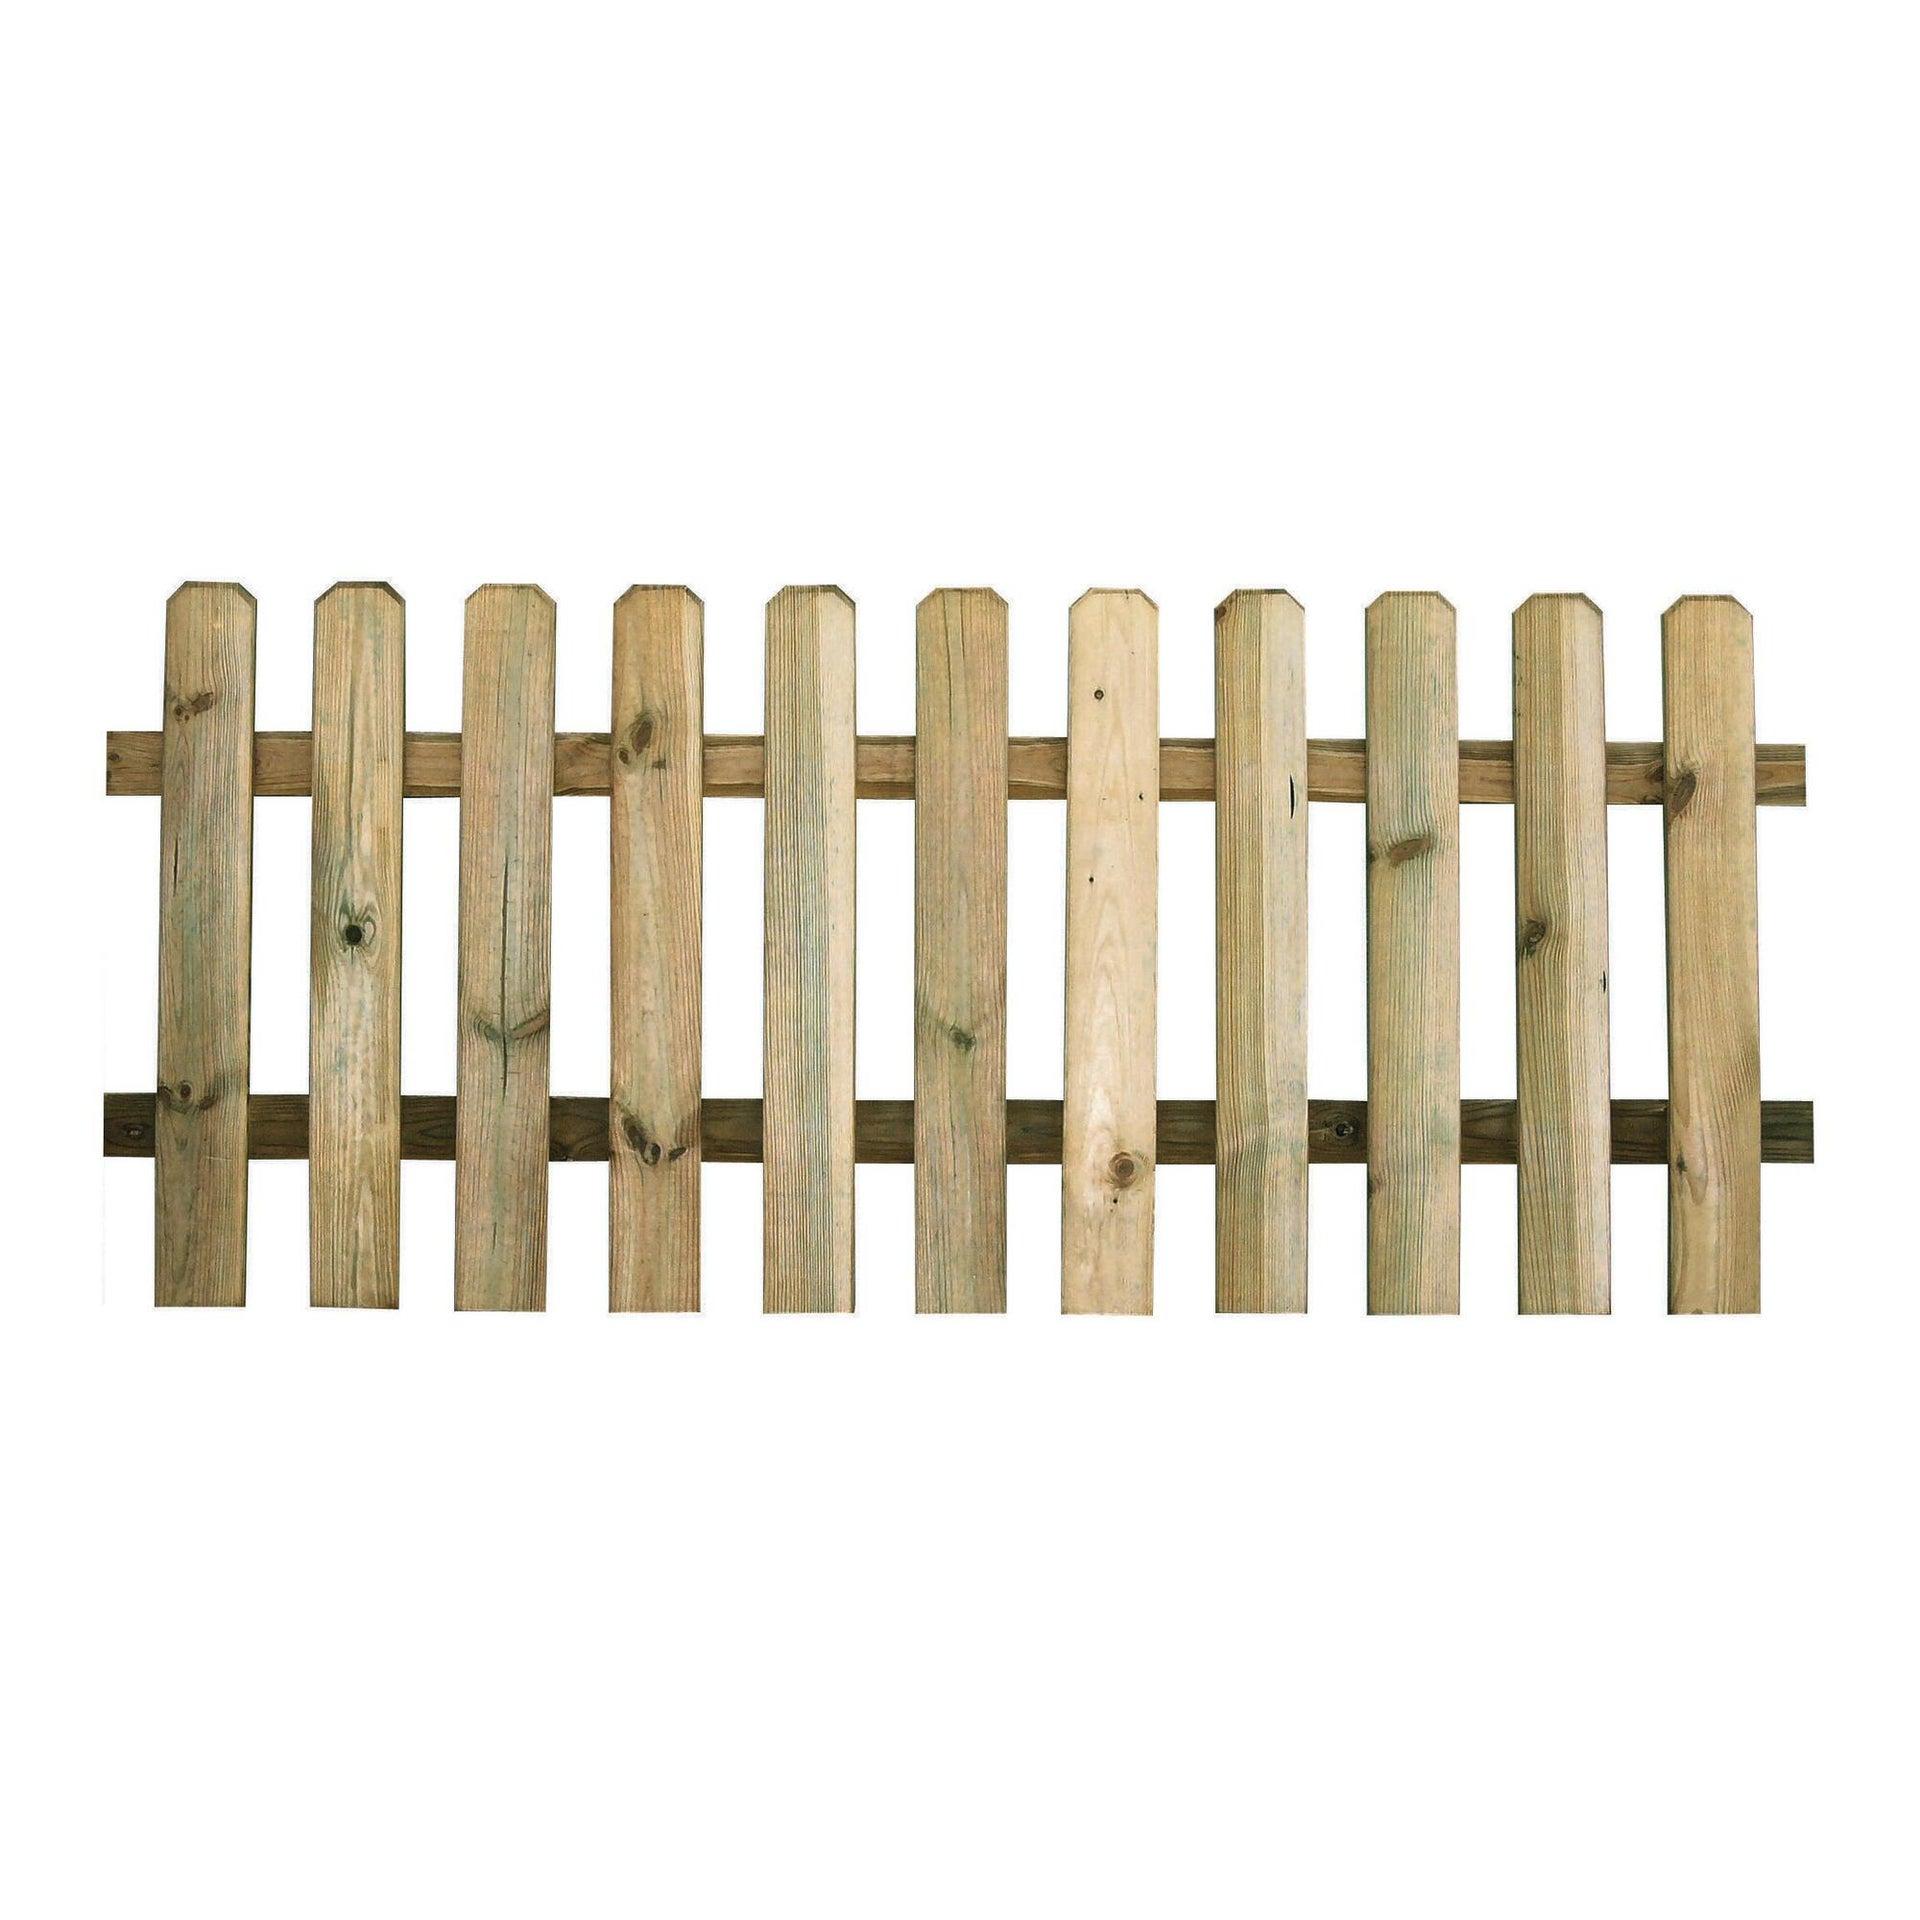 Recinzione RECINZIONE MUSTANG 80X180CM SP15MM in legno L 180 x H 80 x P 1.5 cm